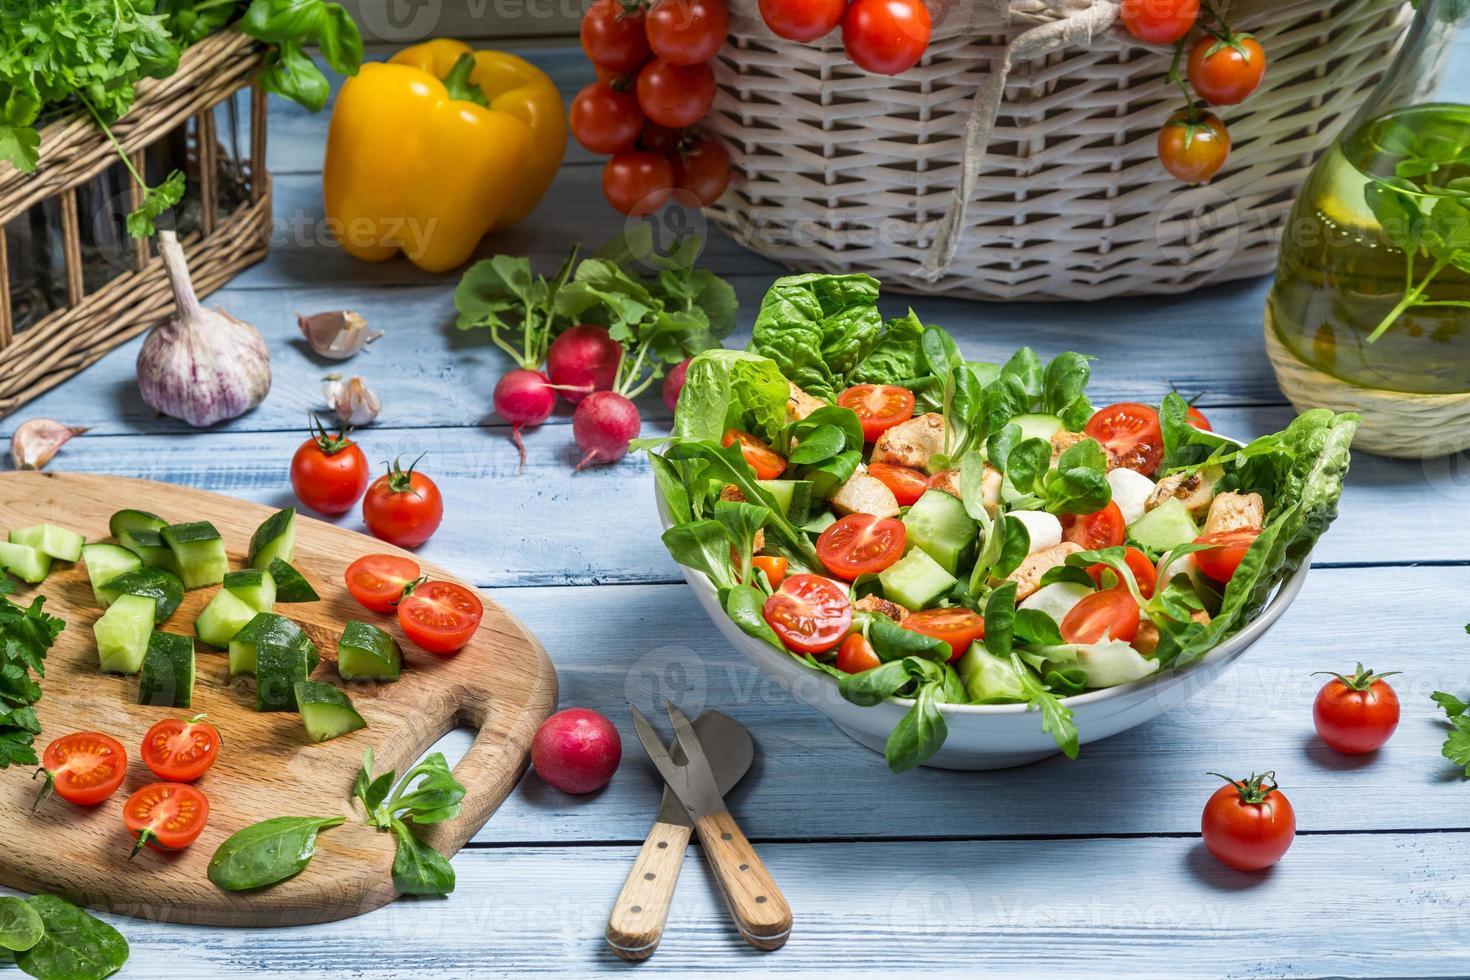 preparando uma salada saudável de primavera foto